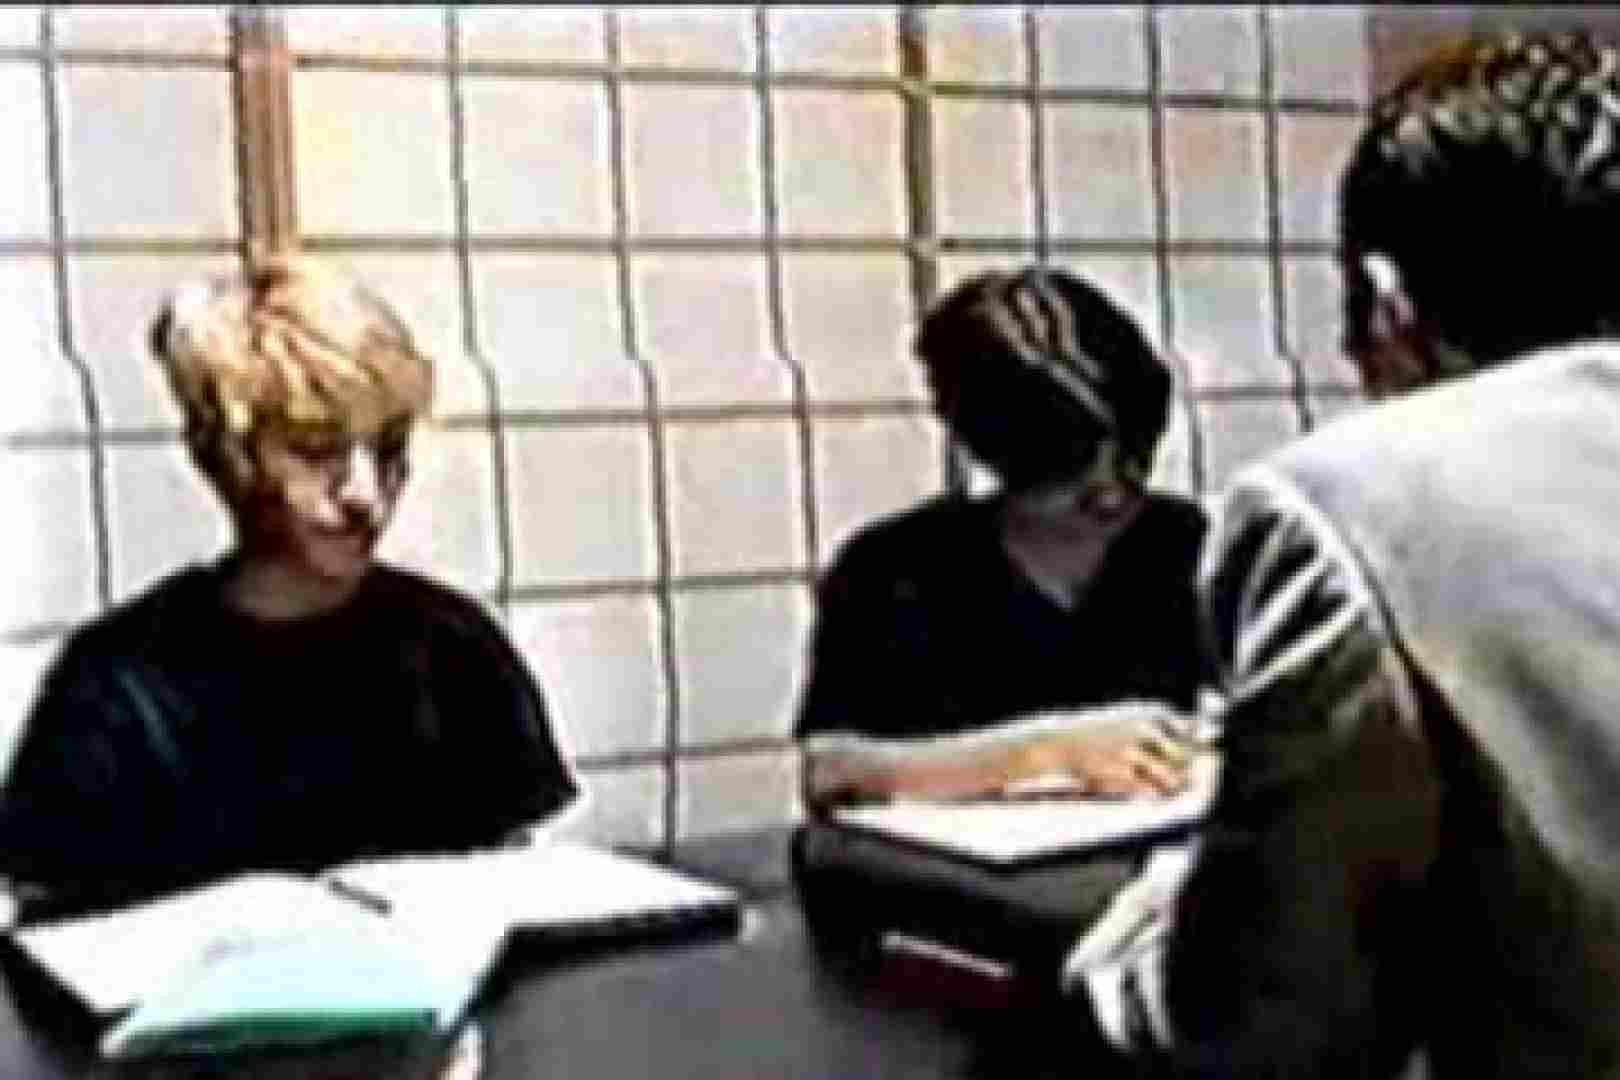 発掘!!10年前のVHSお宝ゲイ動画!! モデル アダルトビデオ画像キャプチャ 61枚 59